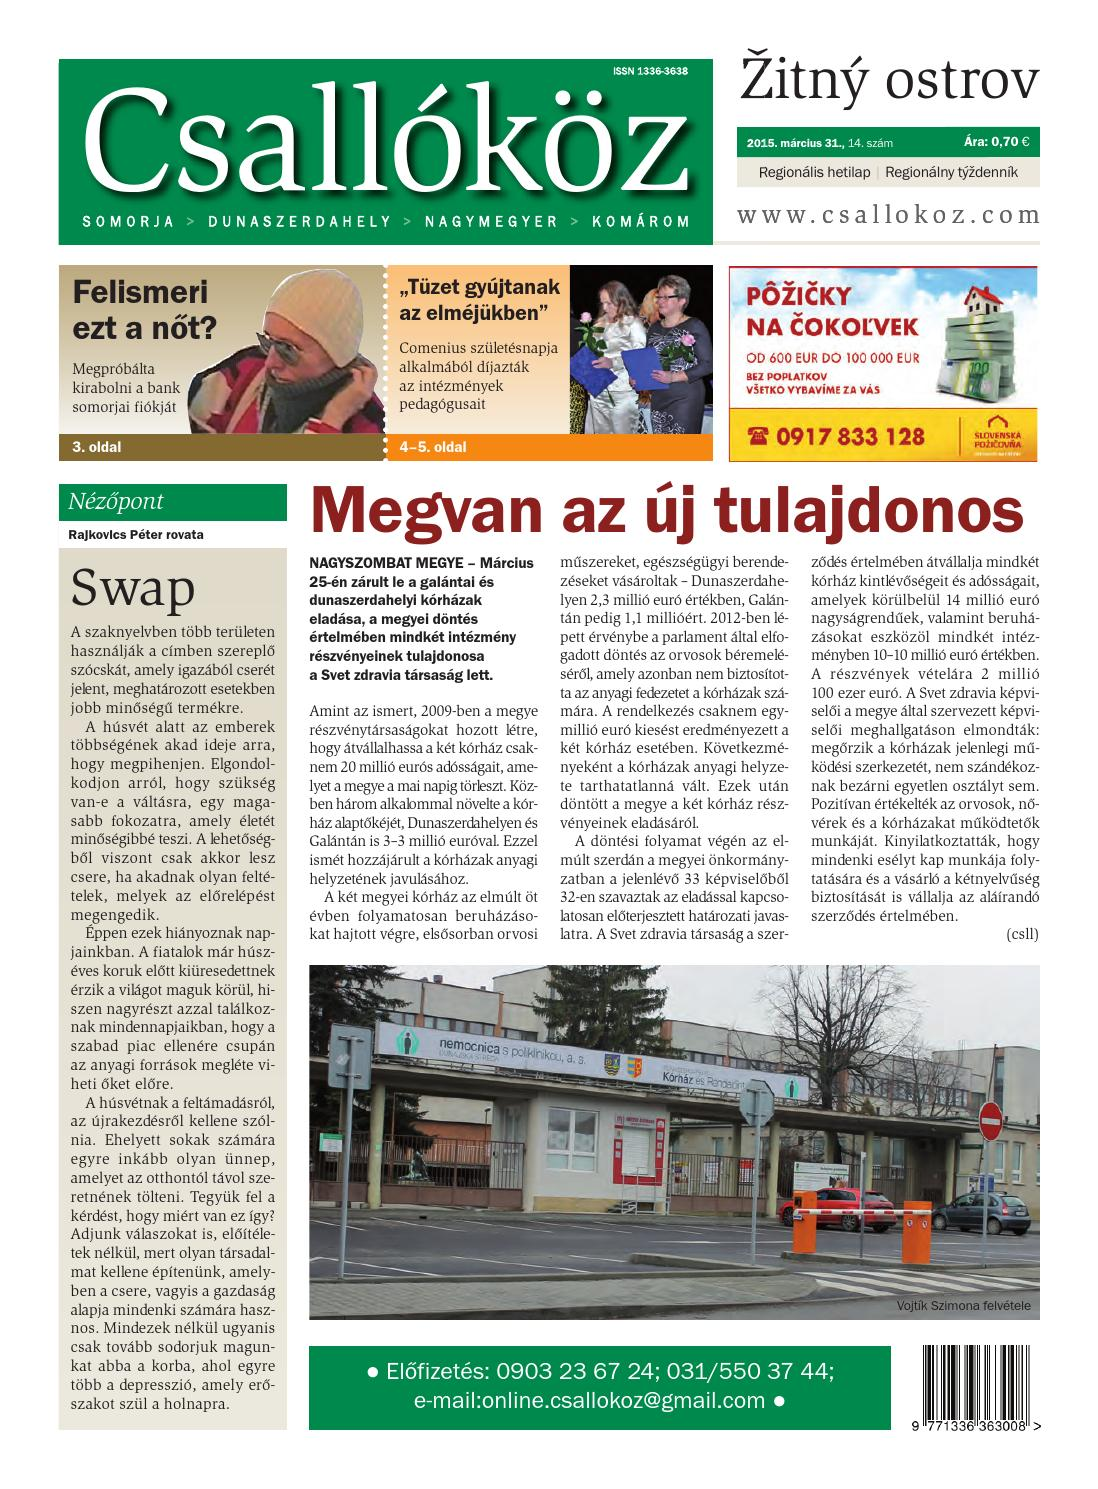 Szerencsejáték Kockázat Százaléka – Magyar nyeremény a online casino! – Lash and Brow Studio Rīga